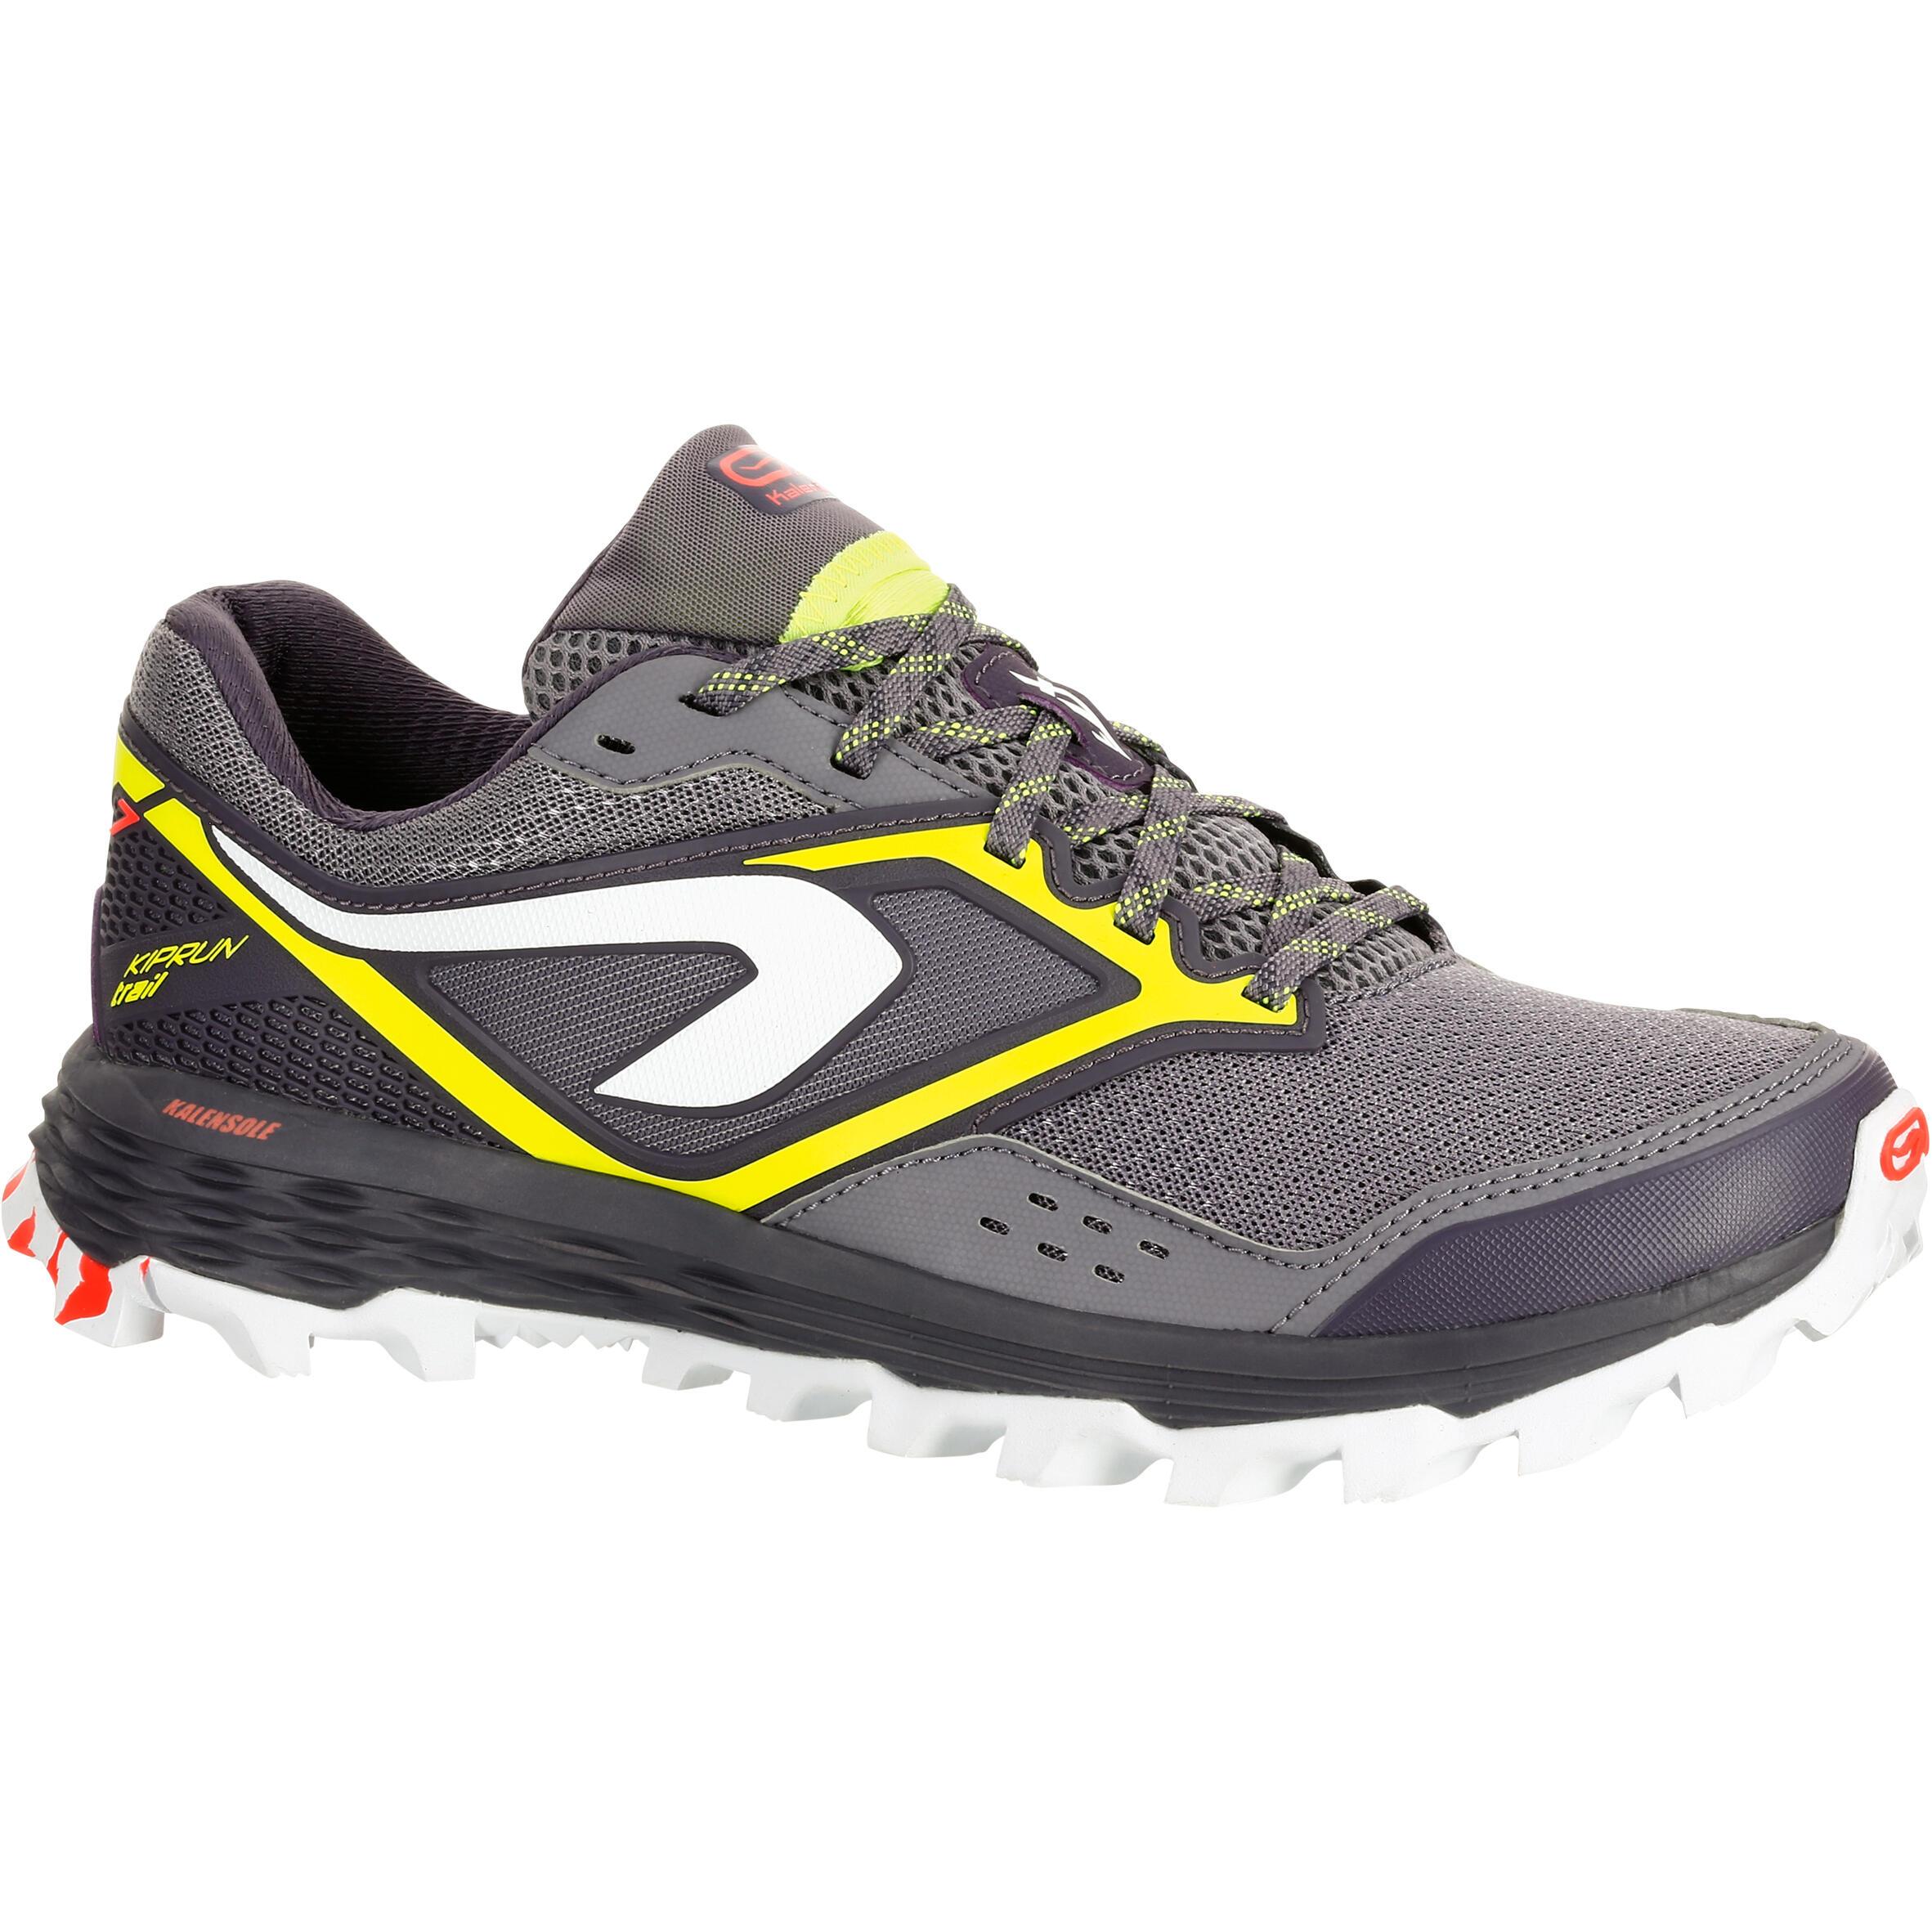 Kalenji Trailschoenen voor dames Kiprun Trail XT 7 grijs geel